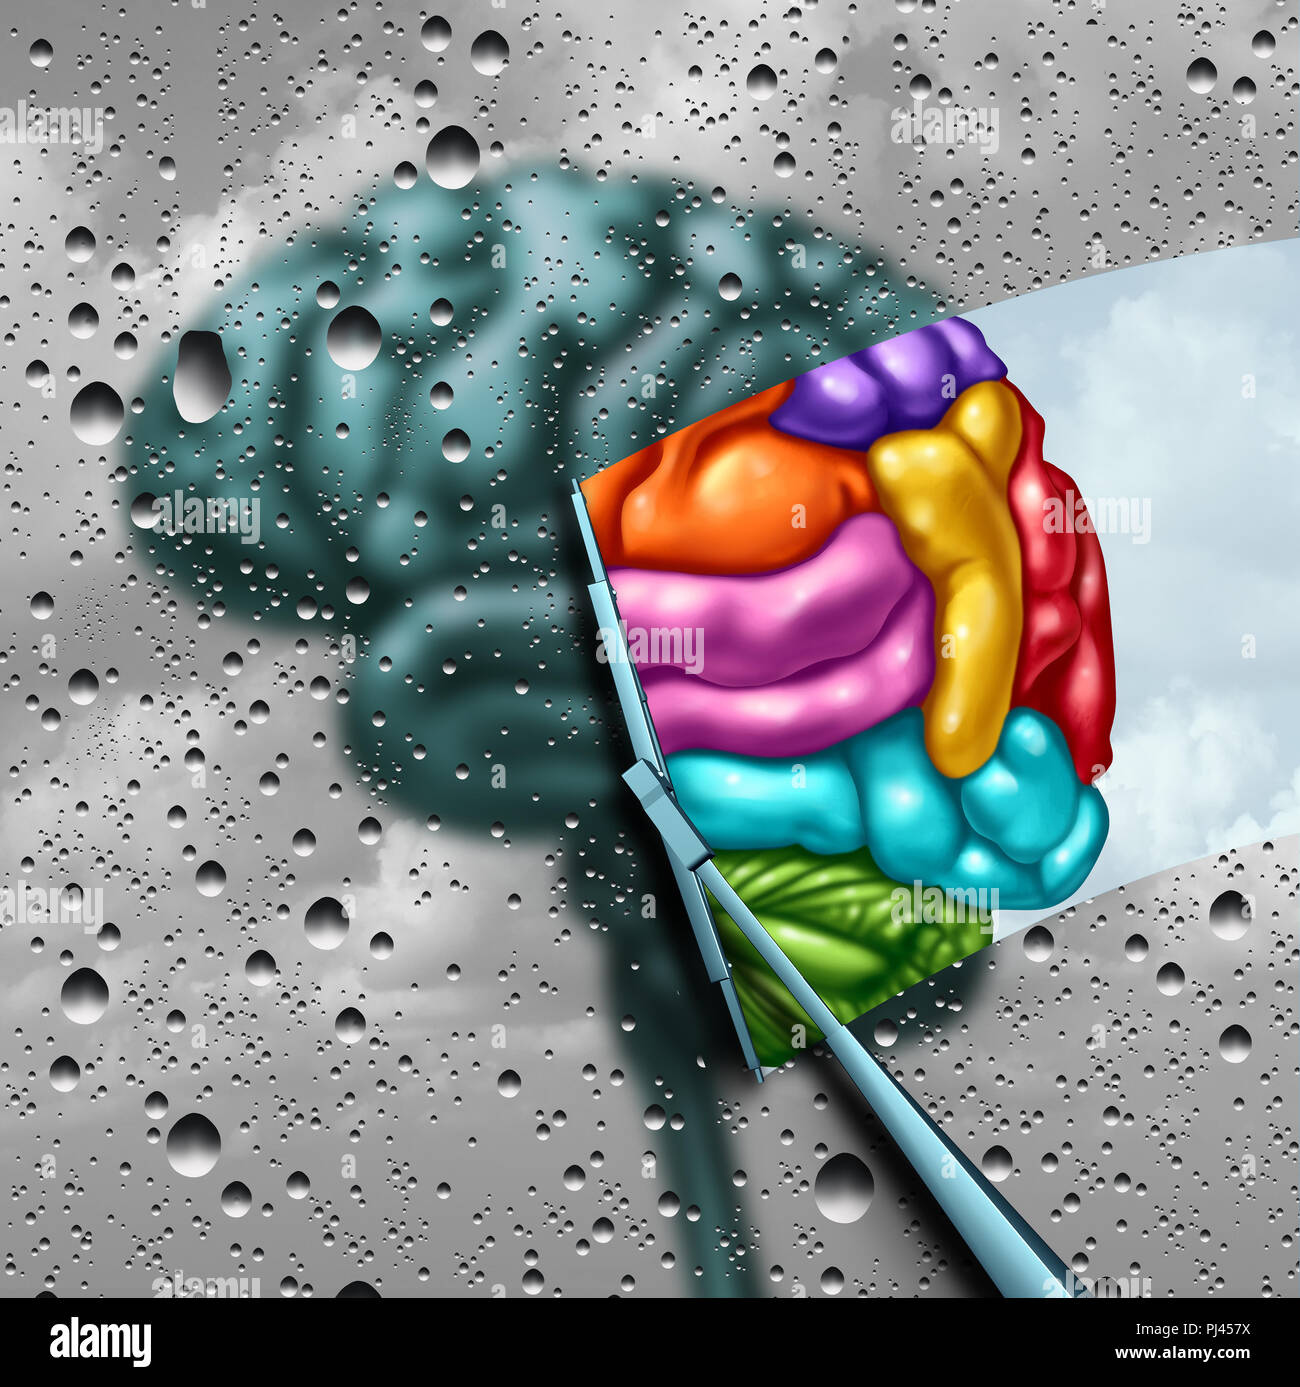 La créativité du cerveau comme un cerveau flou gris avec des gouttes sur une fenêtre comme un essuie-glace nettoie la confusion d'une pensée créative en tant que symbole de l'autisme et autist Photo Stock